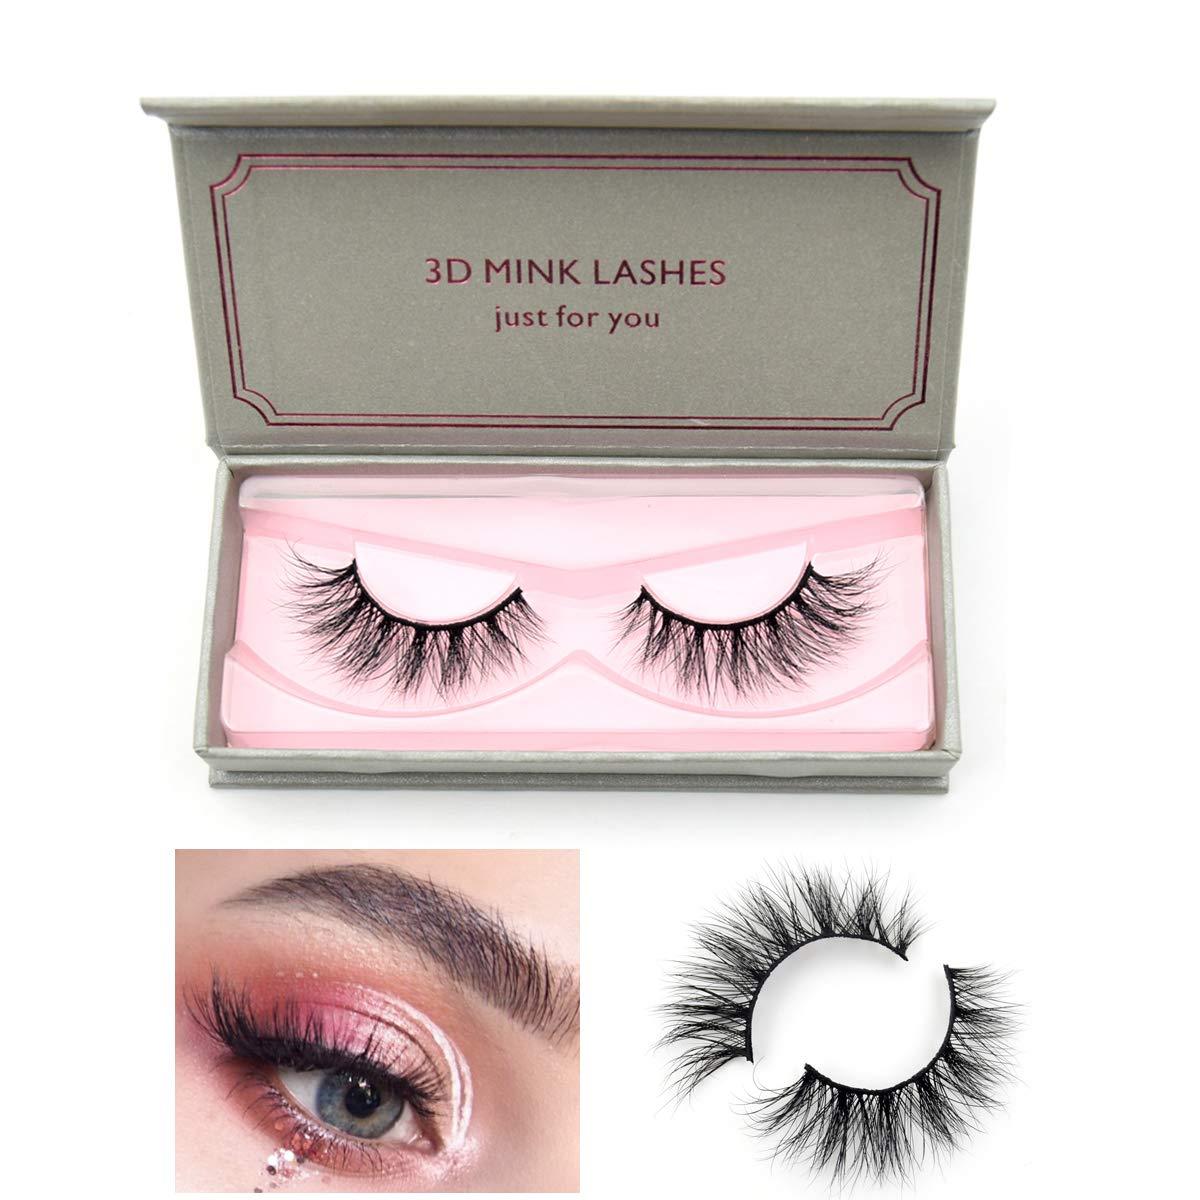 2300cda27a6 Visofree Eyelashes Mink Eyelashes Cruelty-free Full Volume 3D Mink Strip  Eyelashes Dramatic False Eyelashes